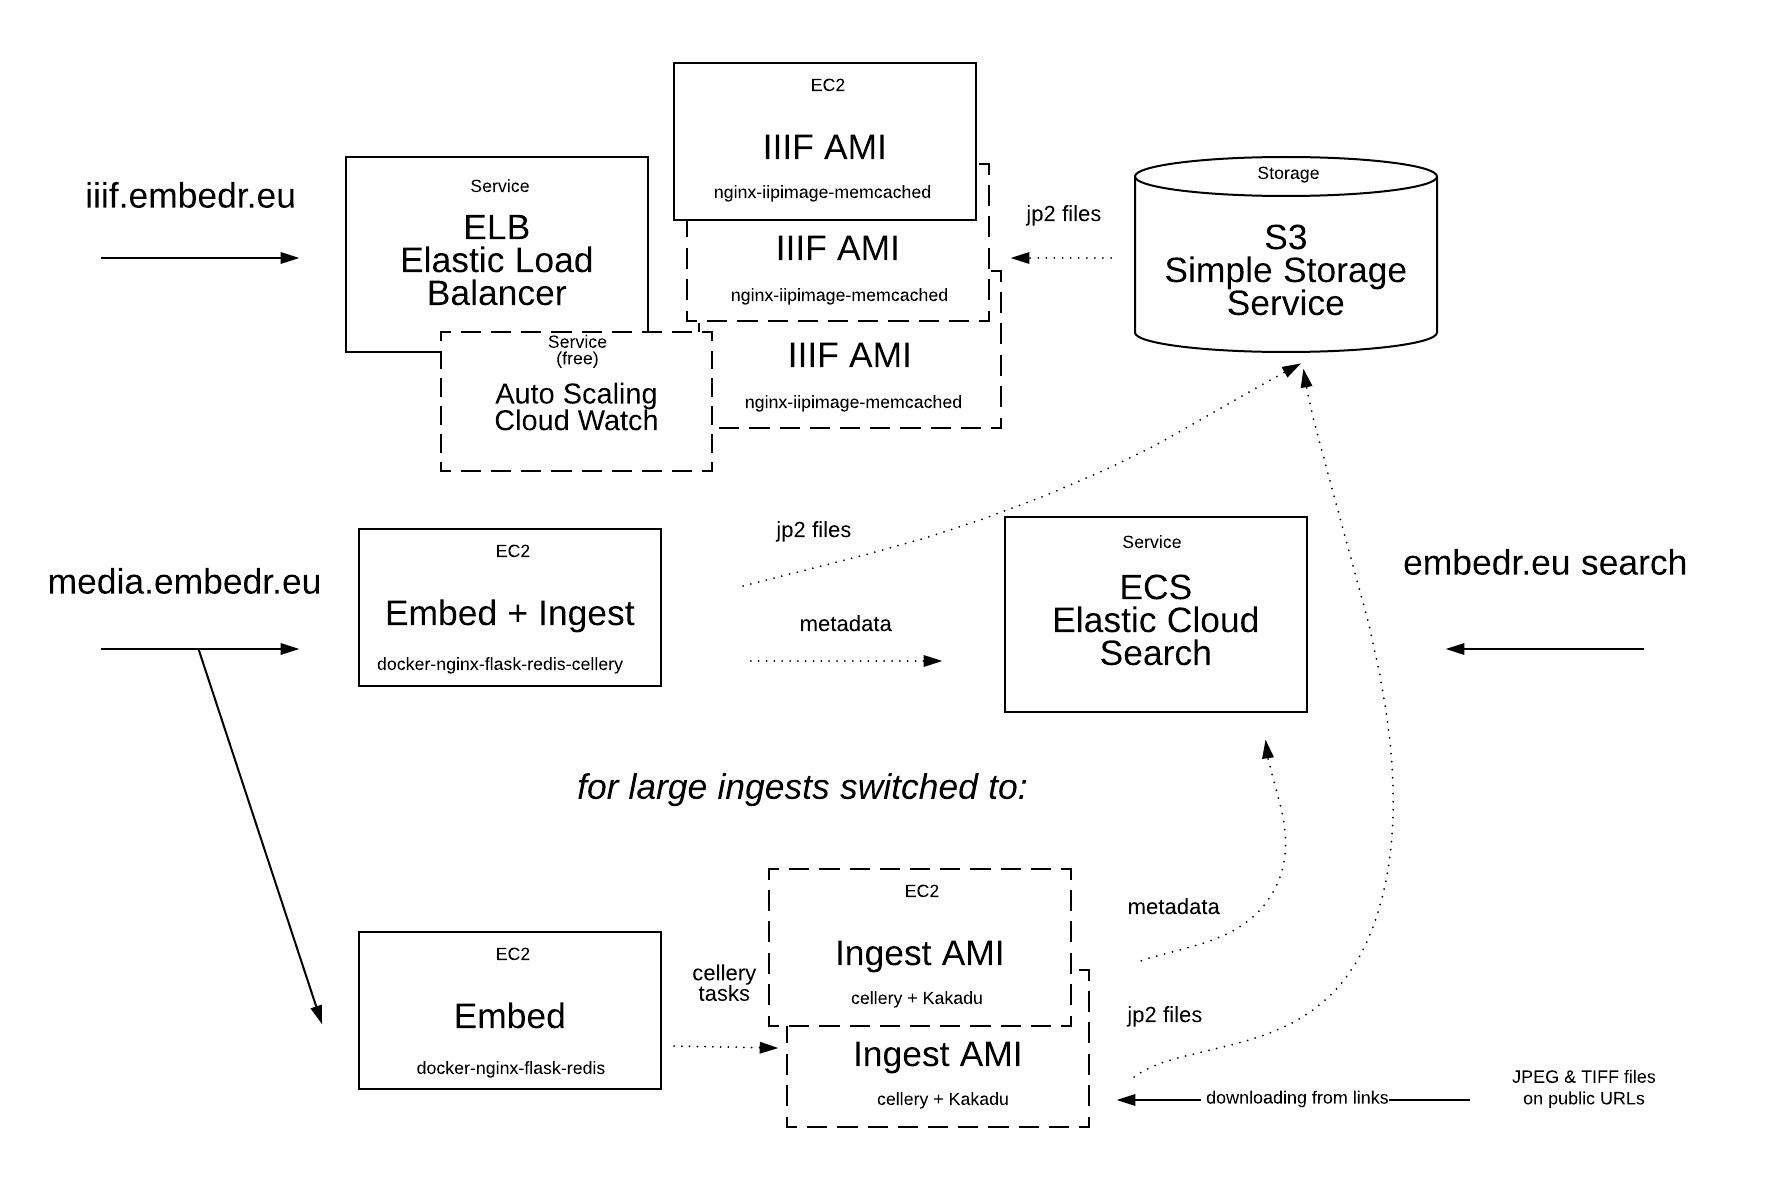 hawk-aws-diagram-embedr